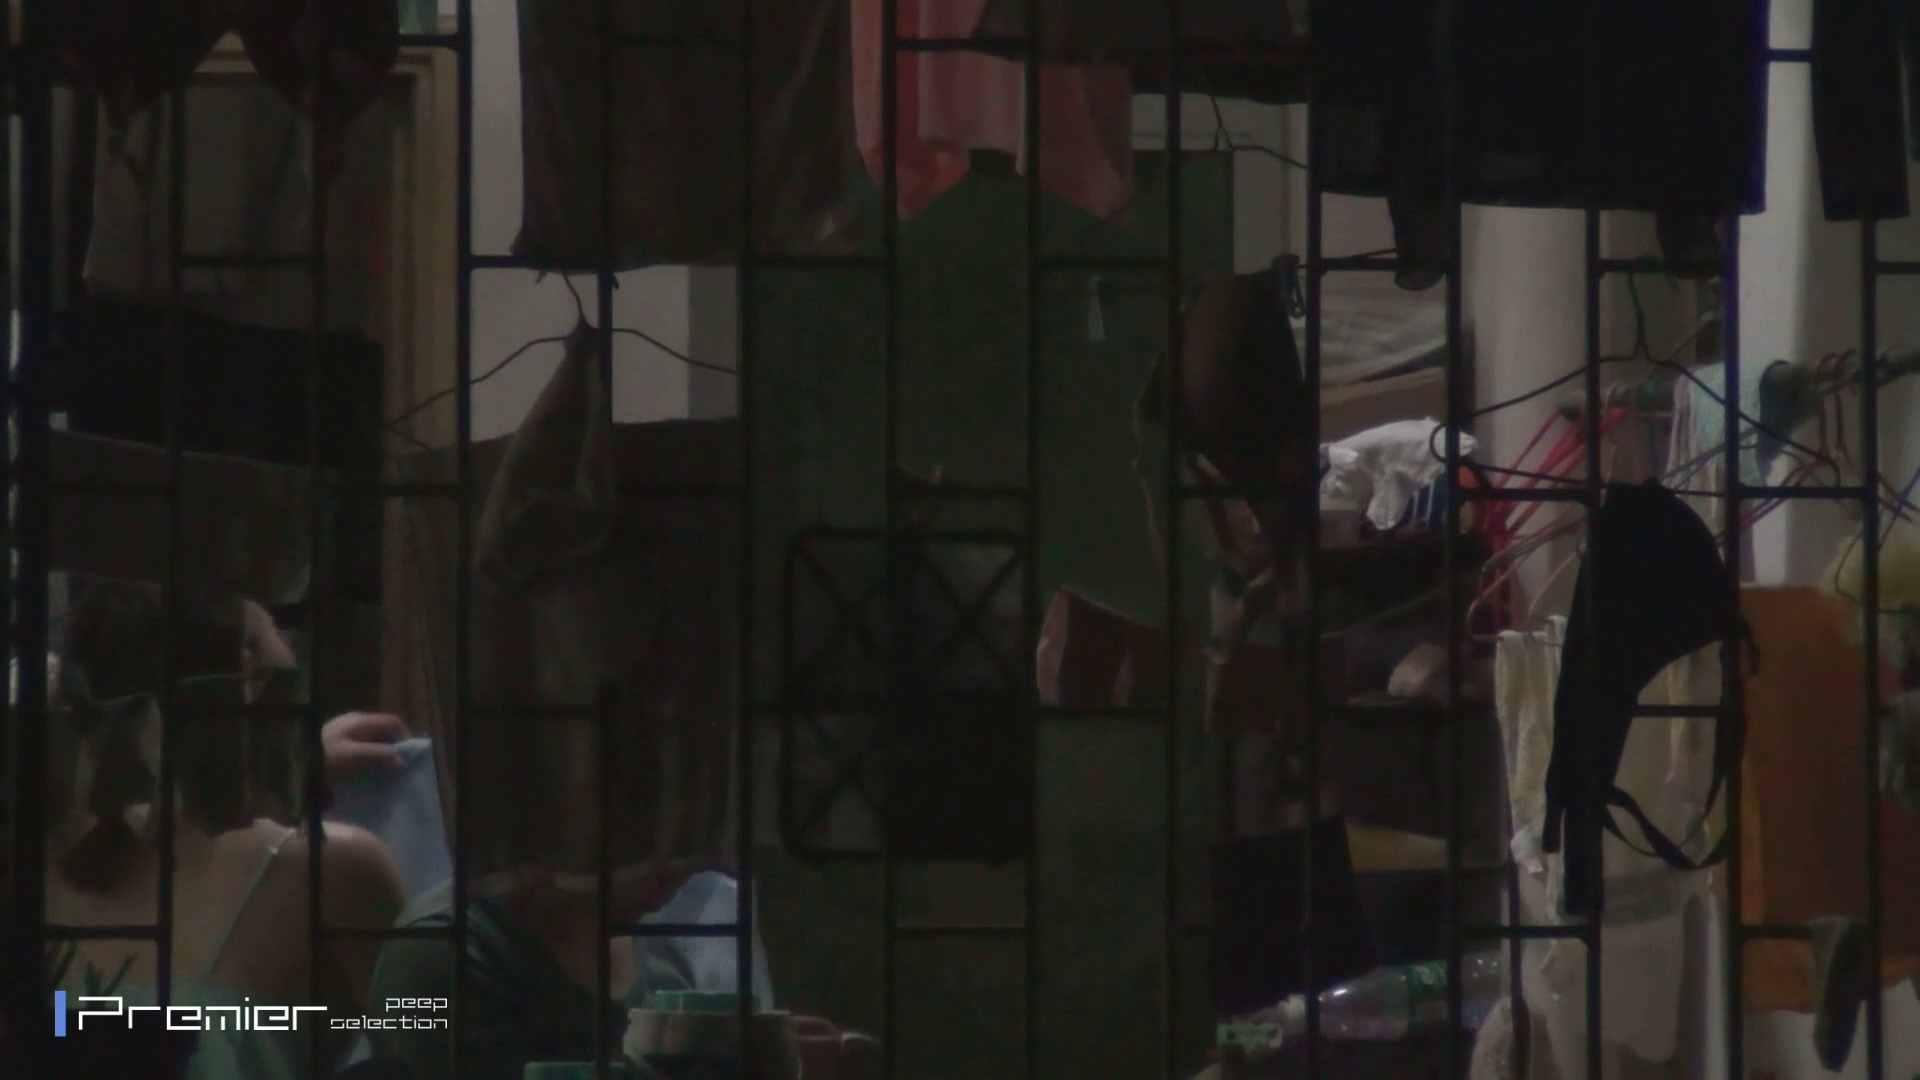 美女の痴態に密着!洗濯物を干す女 Vol.07 美女H映像 | 洗面所  29画像 13